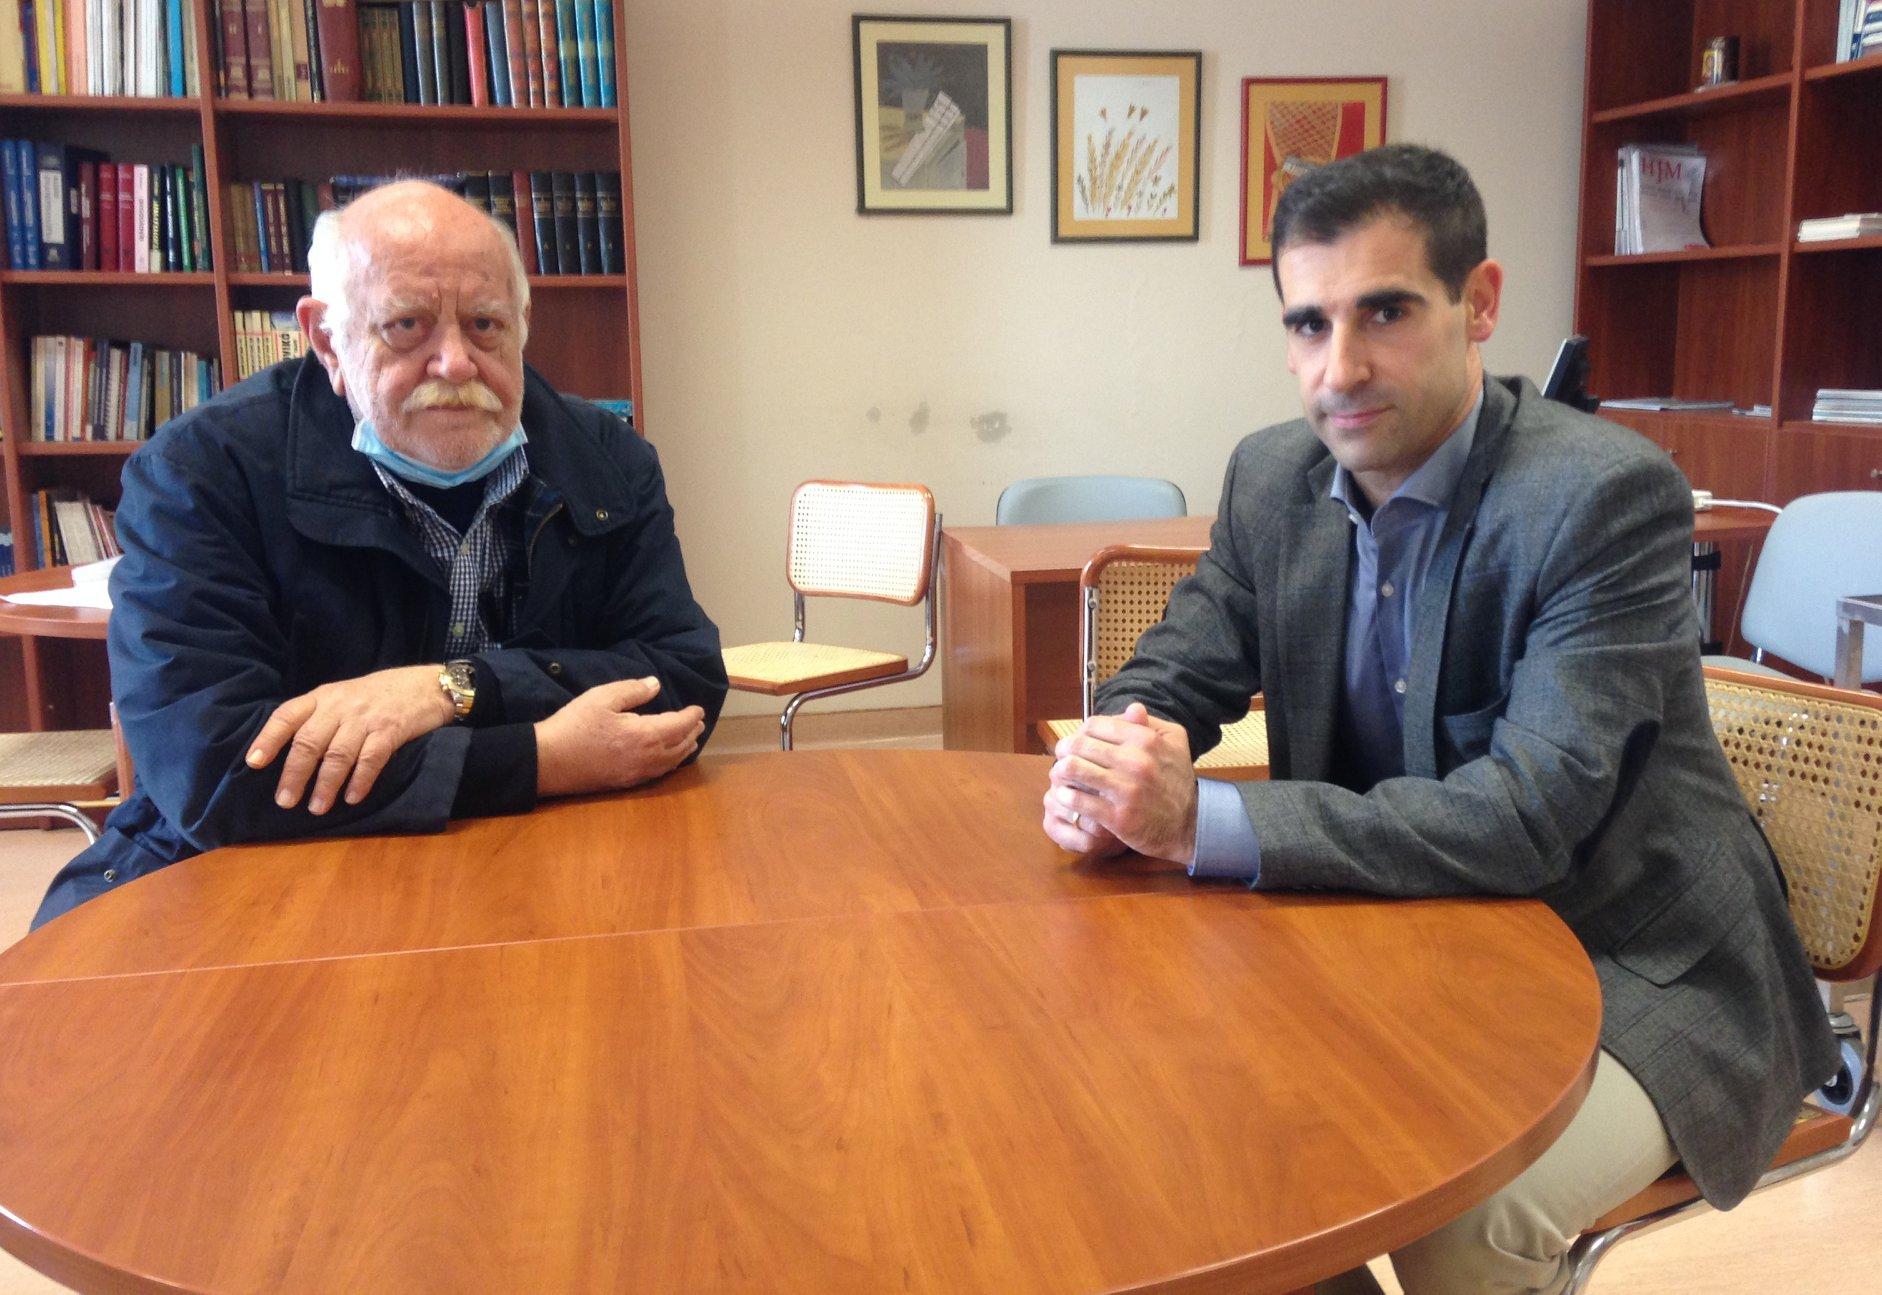 Συναντήσεις Αντιπεριφερειάρχη Π.Ε Ηλείας Βασ. Γιαννόπουλου με τον Διοικητή Γεν. Νοσοκομείου Ηλείας κ. Χριστόπουλο και την αν. Διοικήτρια κα Αγγελάκου (photos)